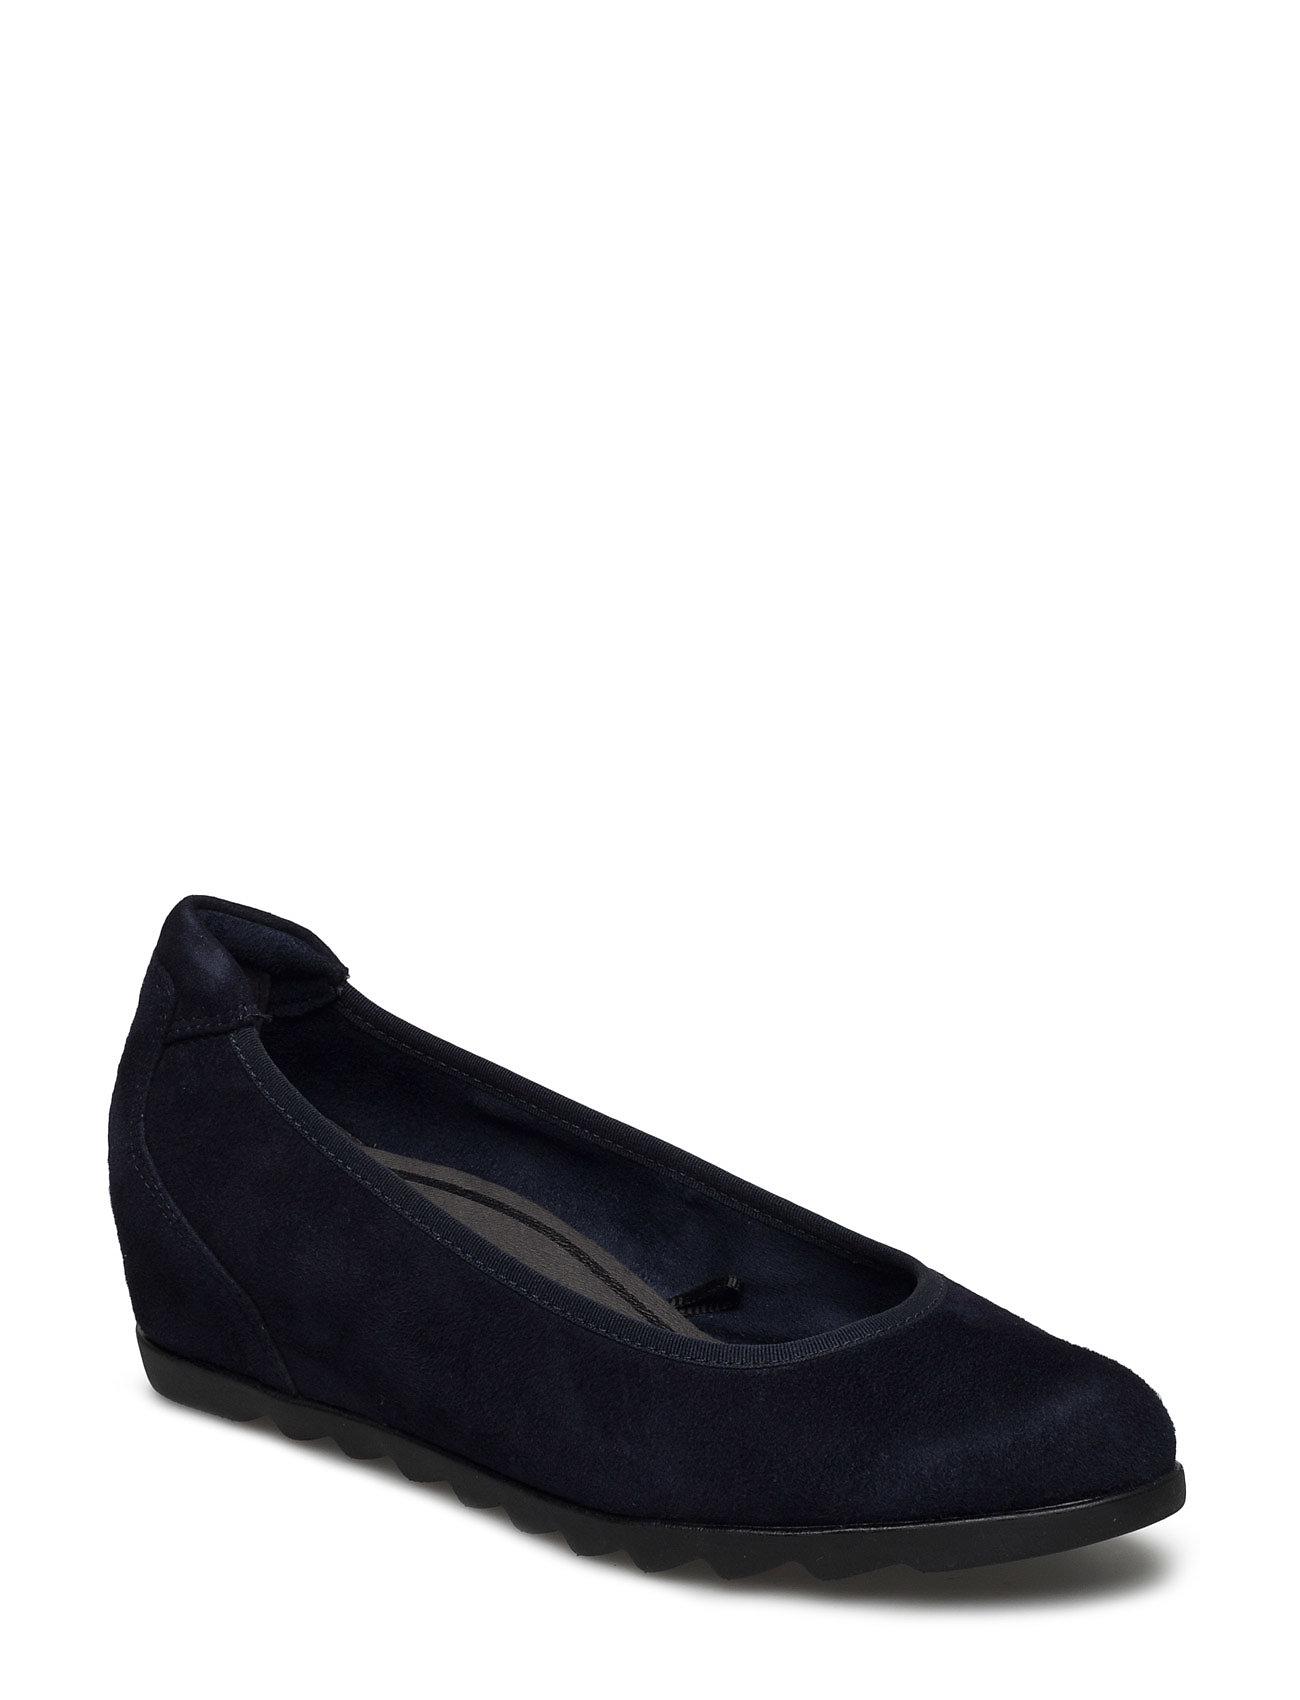 tamaris Woms court shoe - lula fra boozt.com dk